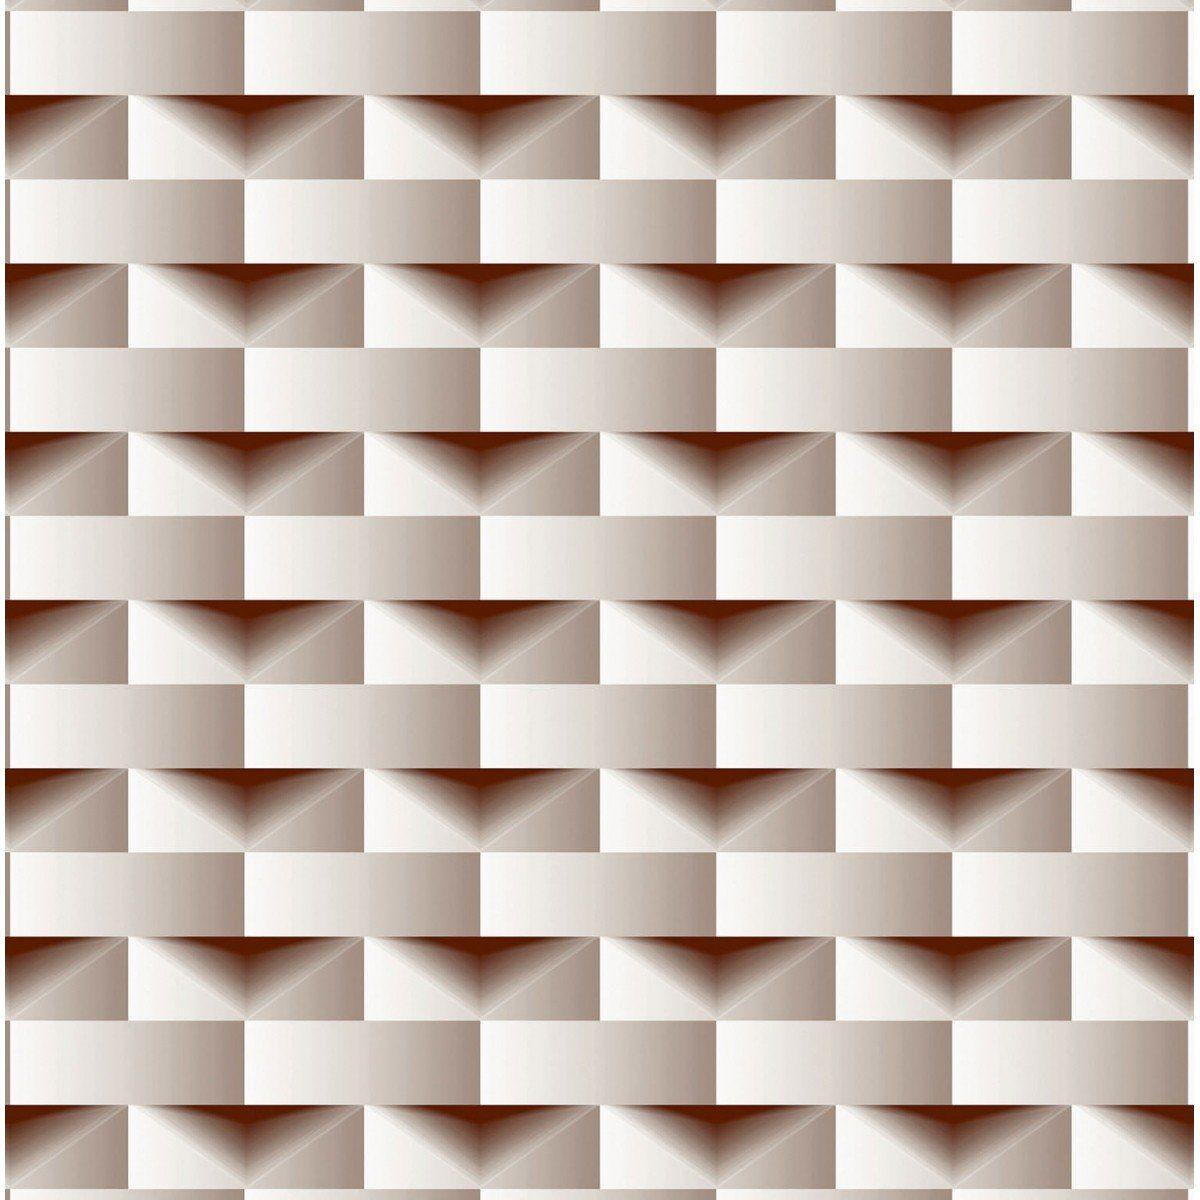 Papel de Parede Bobinex Coleção Dimensões Retângulo Marrom L01 4700 - Lyam Decor